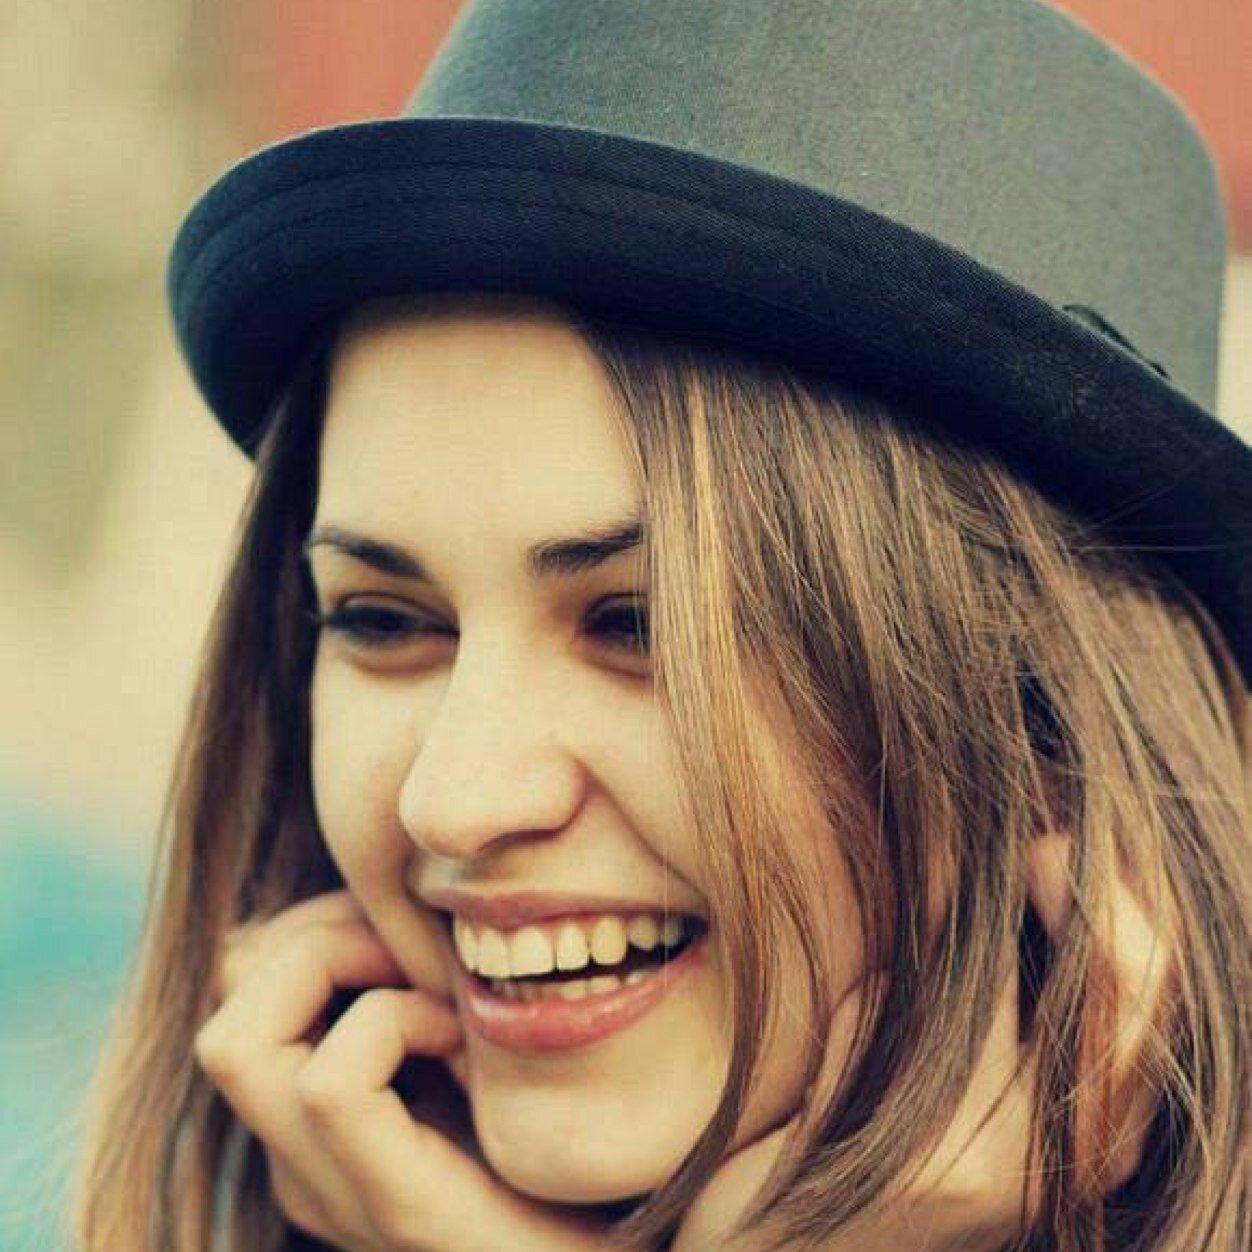 بالصور صور بنت تضحك , اجمل صورة لفتاة ضاحكة